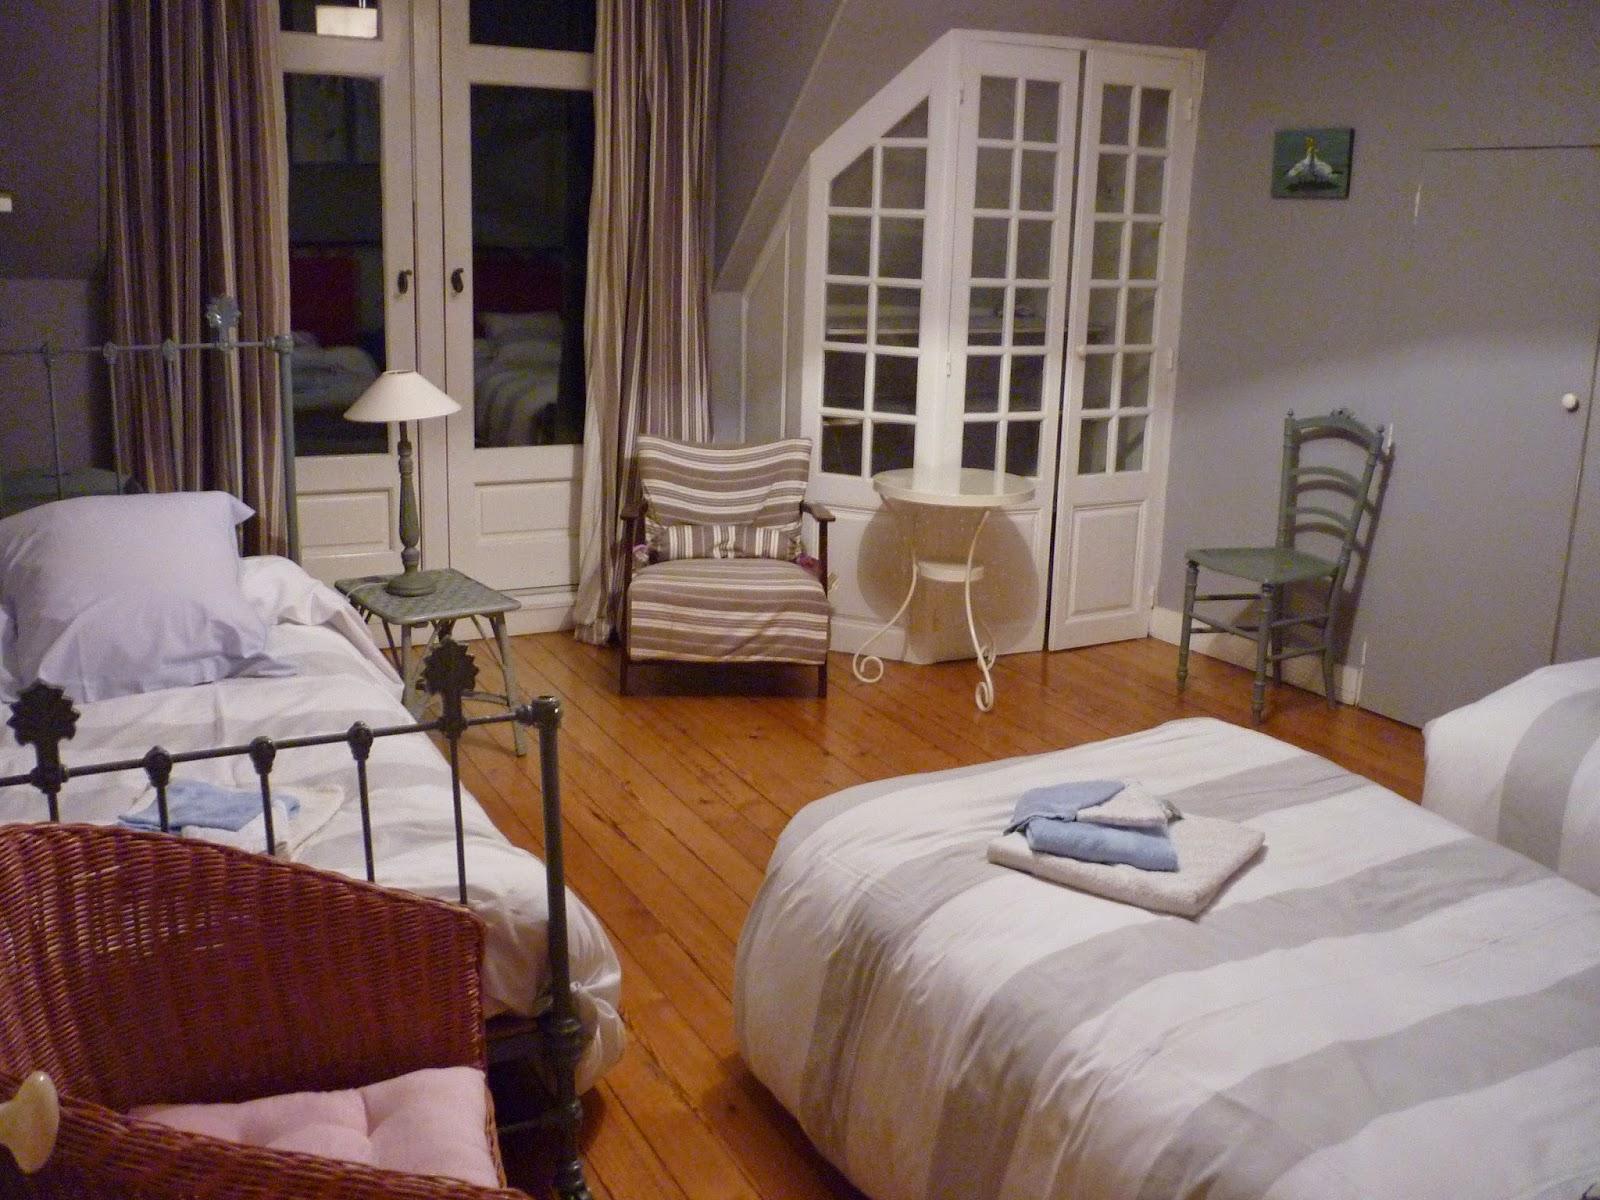 Chambre triple n°2 du Manoir de Beaurepaire en Normandie